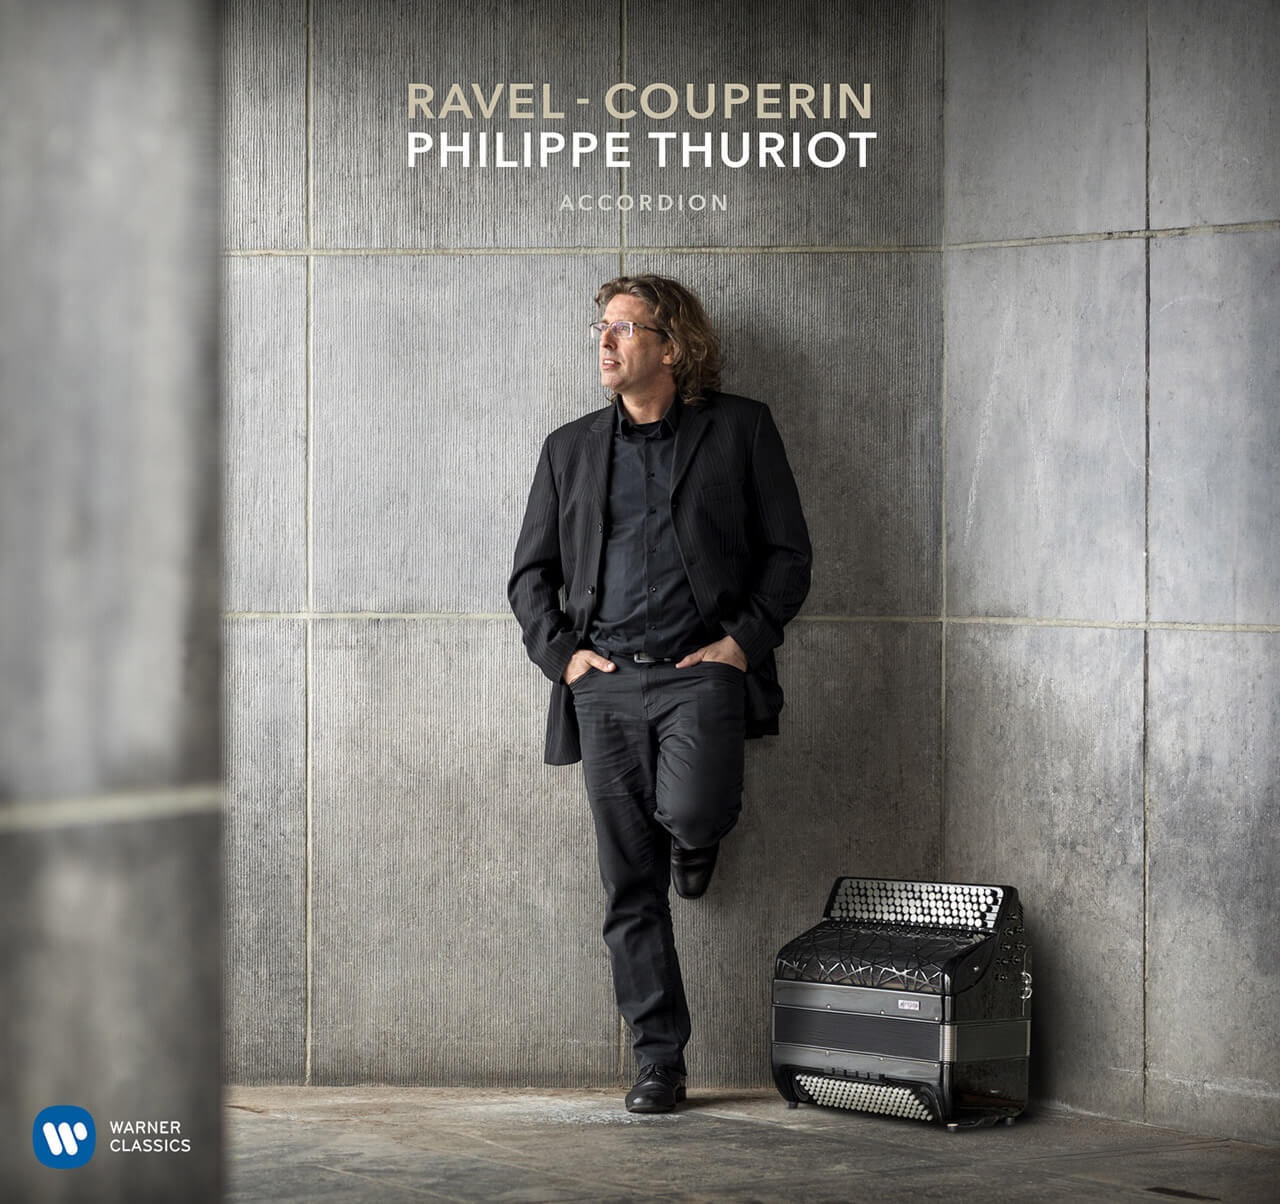 Beeldenstorm brengt cd uit van Philippe Thuriot